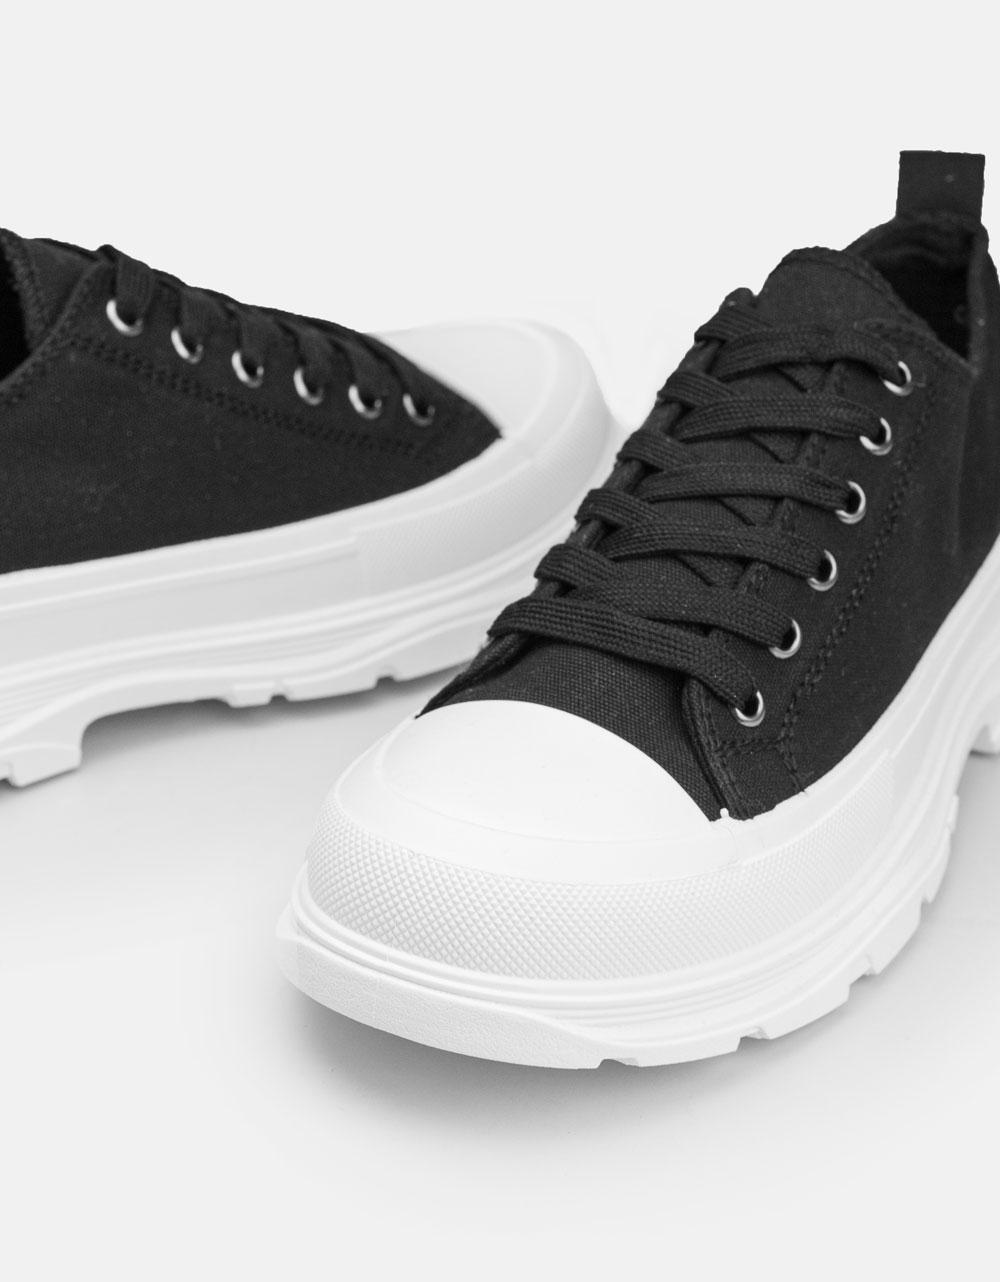 Εικόνα από Γυναικεία sneakers με διχρωμία Μαύρο